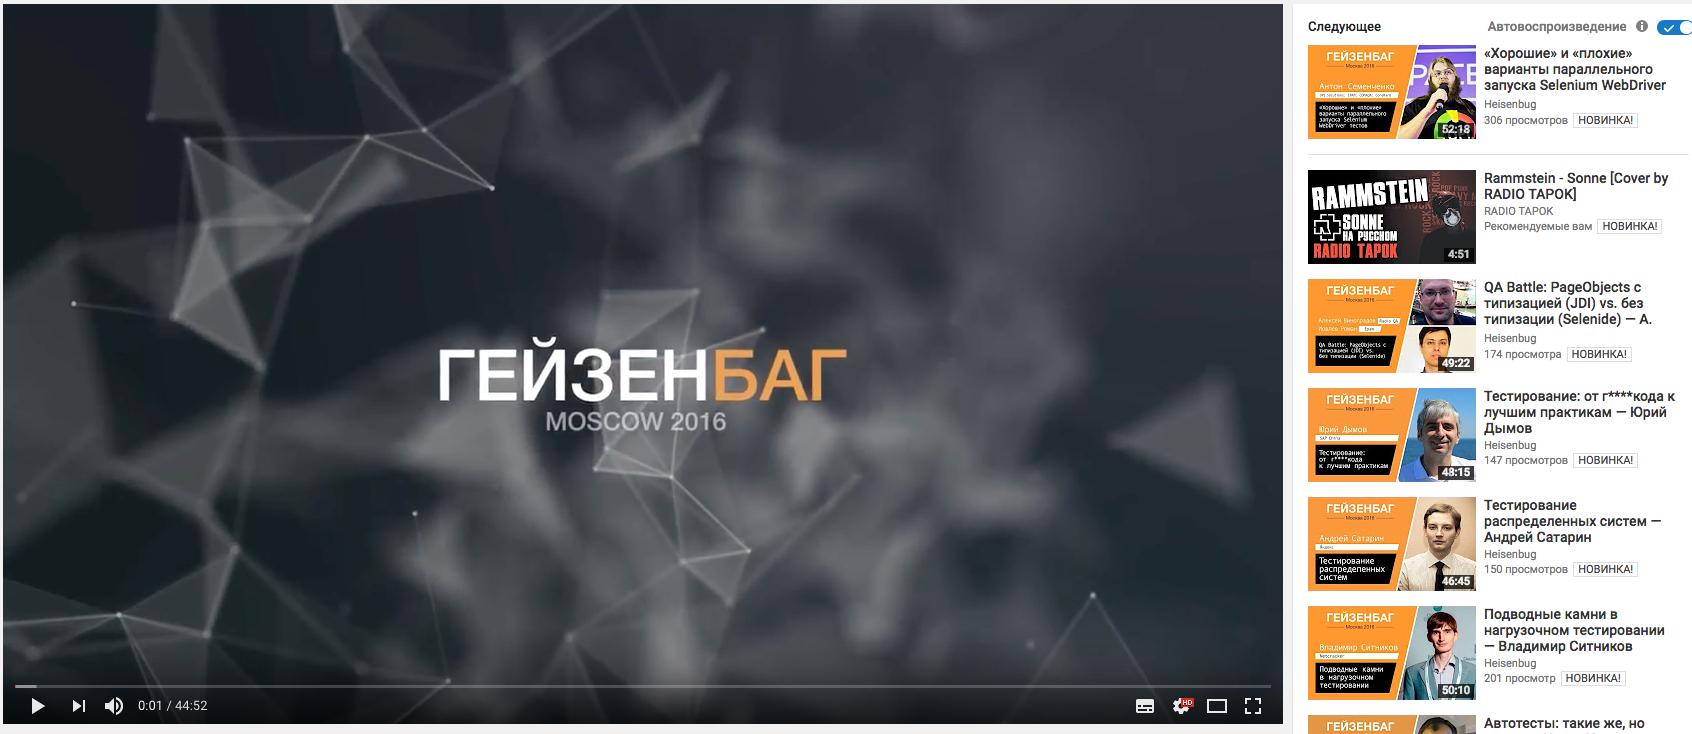 Конференция по тестированию Гейзенбаг: Видеозаписи докладов-2016 и работа над ошибками в 2017-м - 2